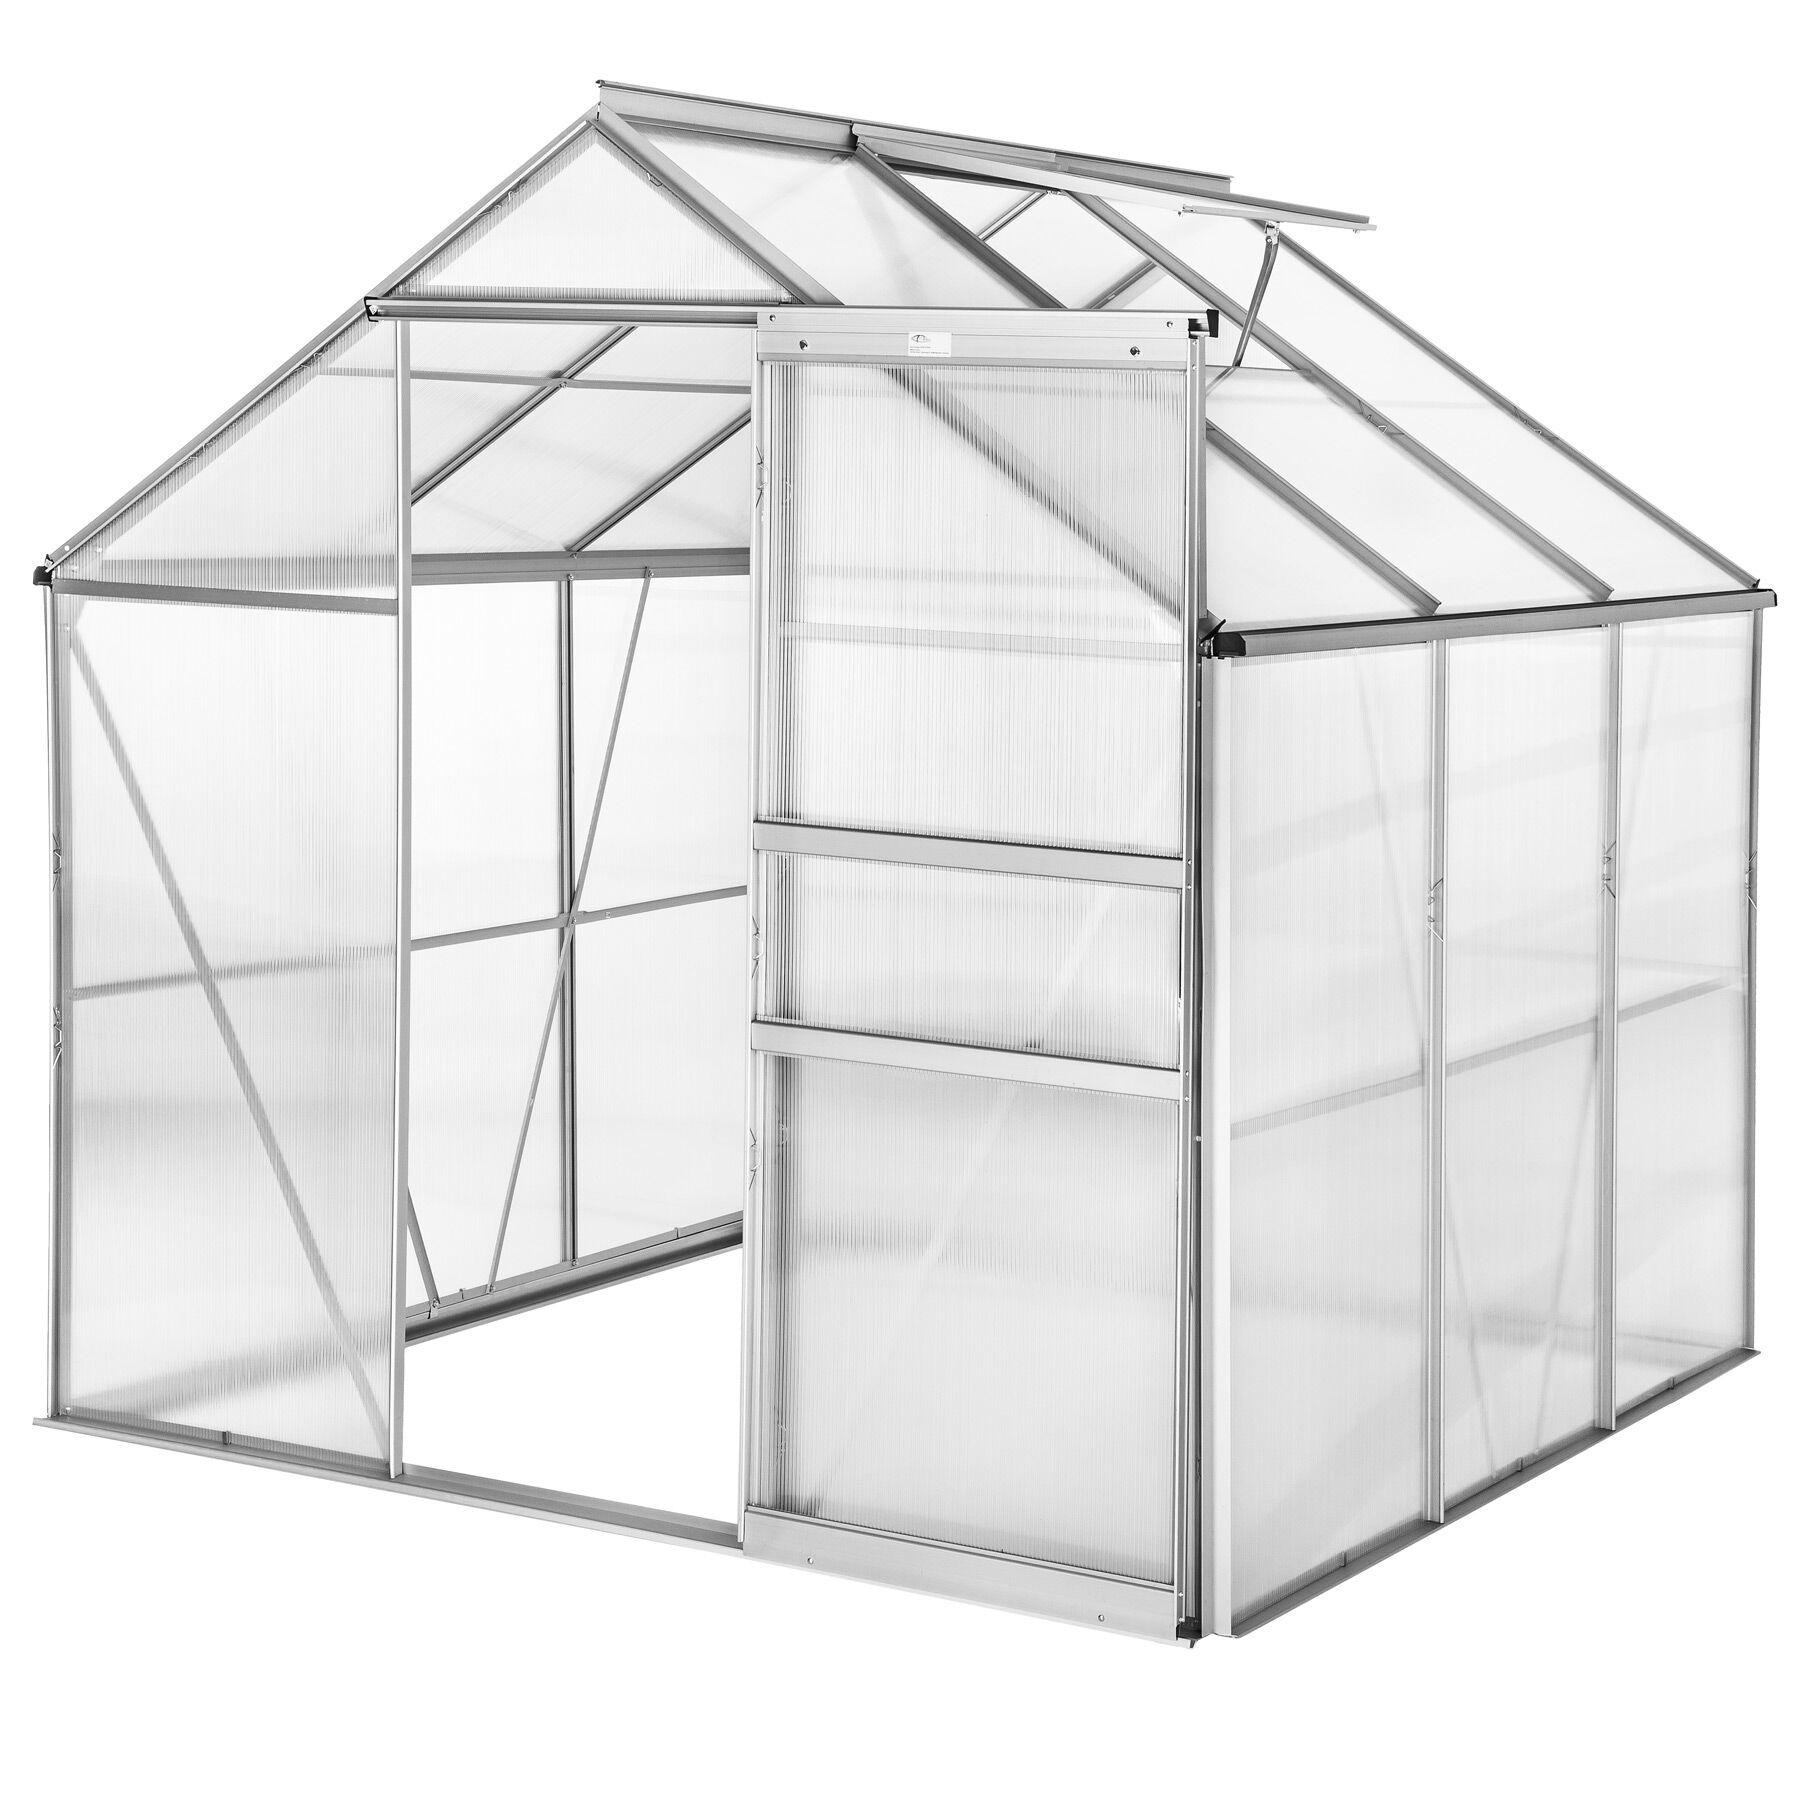 tectake serra in alluminio e policarbonato senza fondamenta - 190 x 185 x 195 cm